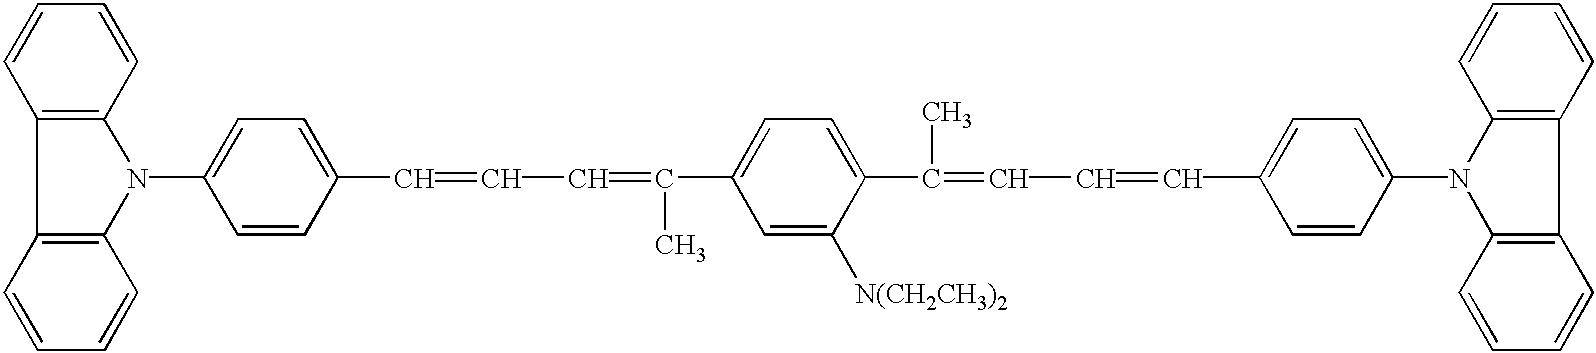 Figure US20030194627A1-20031016-C00129